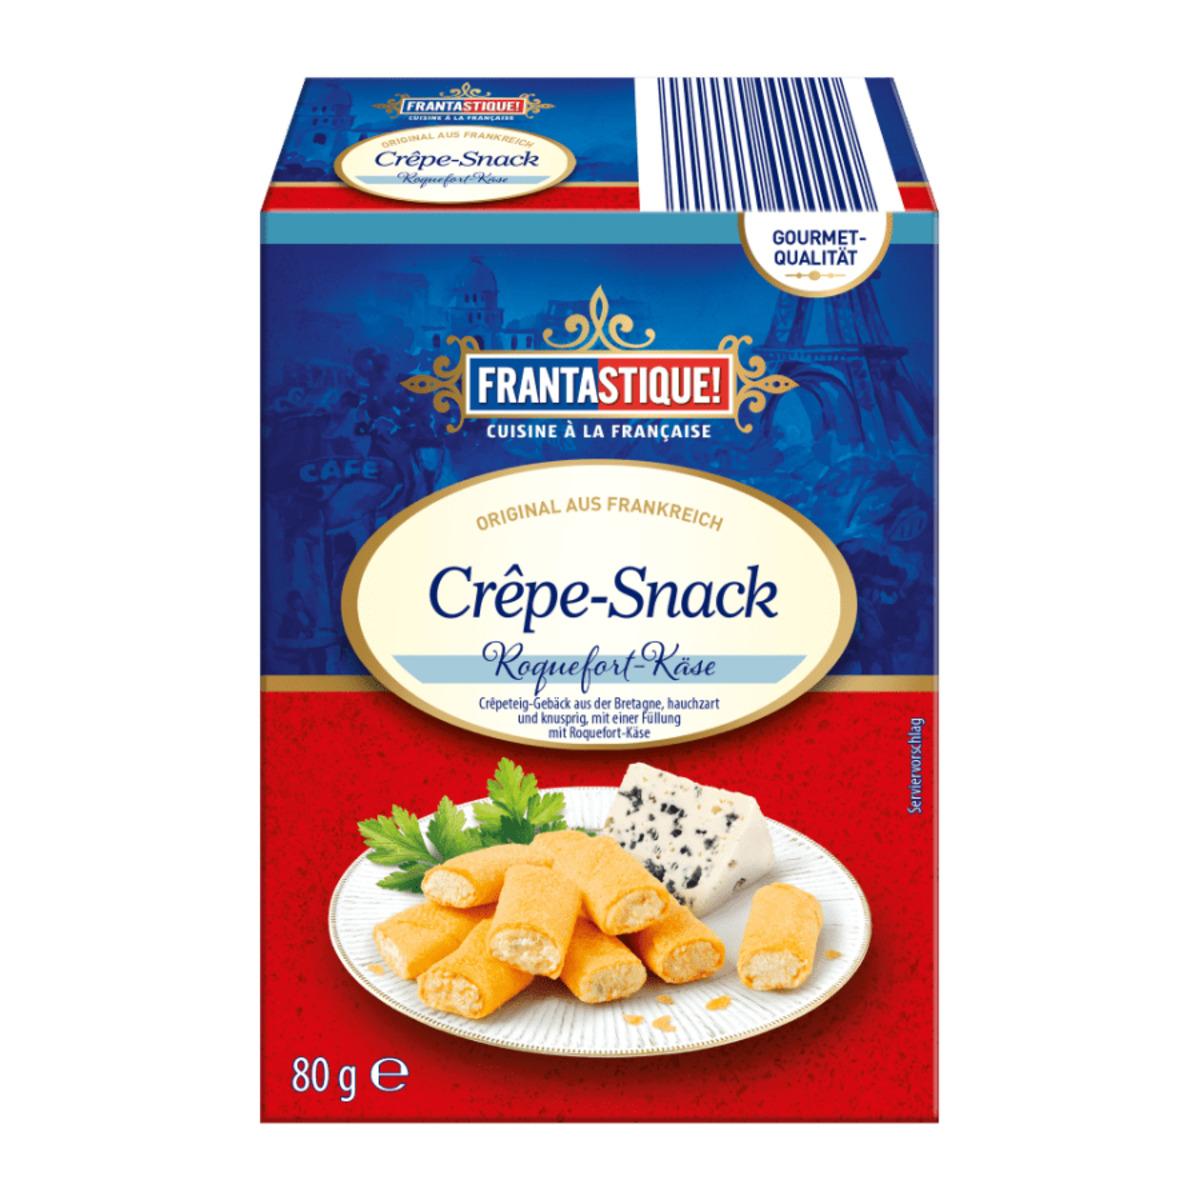 Bild 2 von FRANTASTIQUE!     Crêpe-Snack